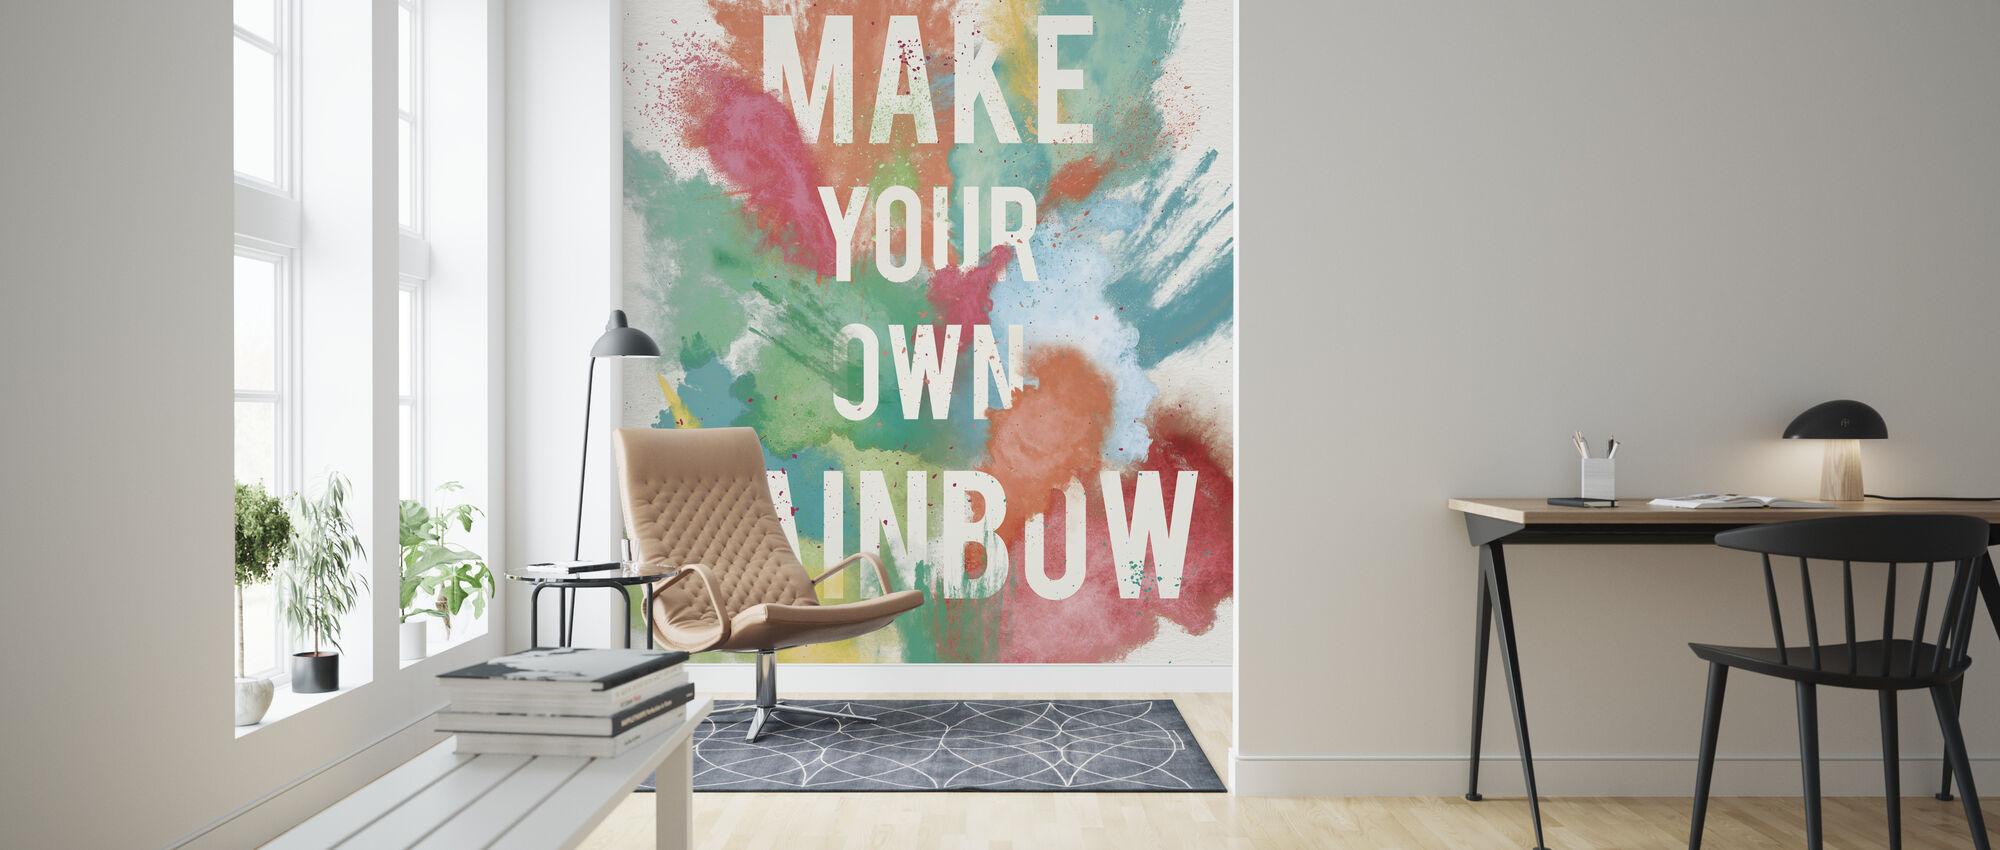 Lag din egen regnbue - Tapet - Stue